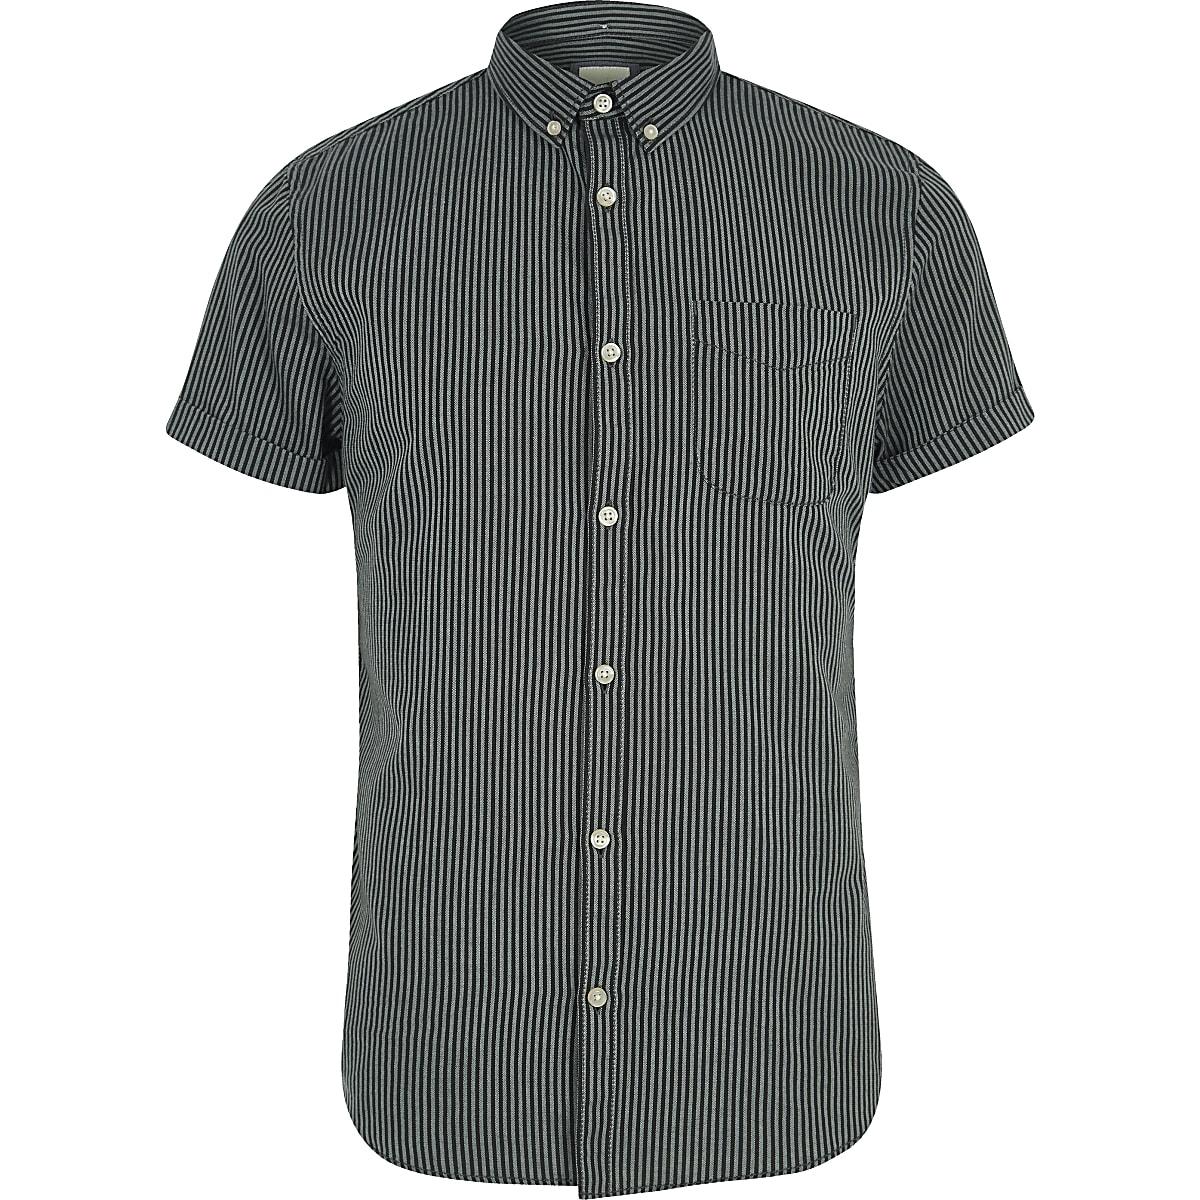 Black stripe short sleeve slim fit shirt